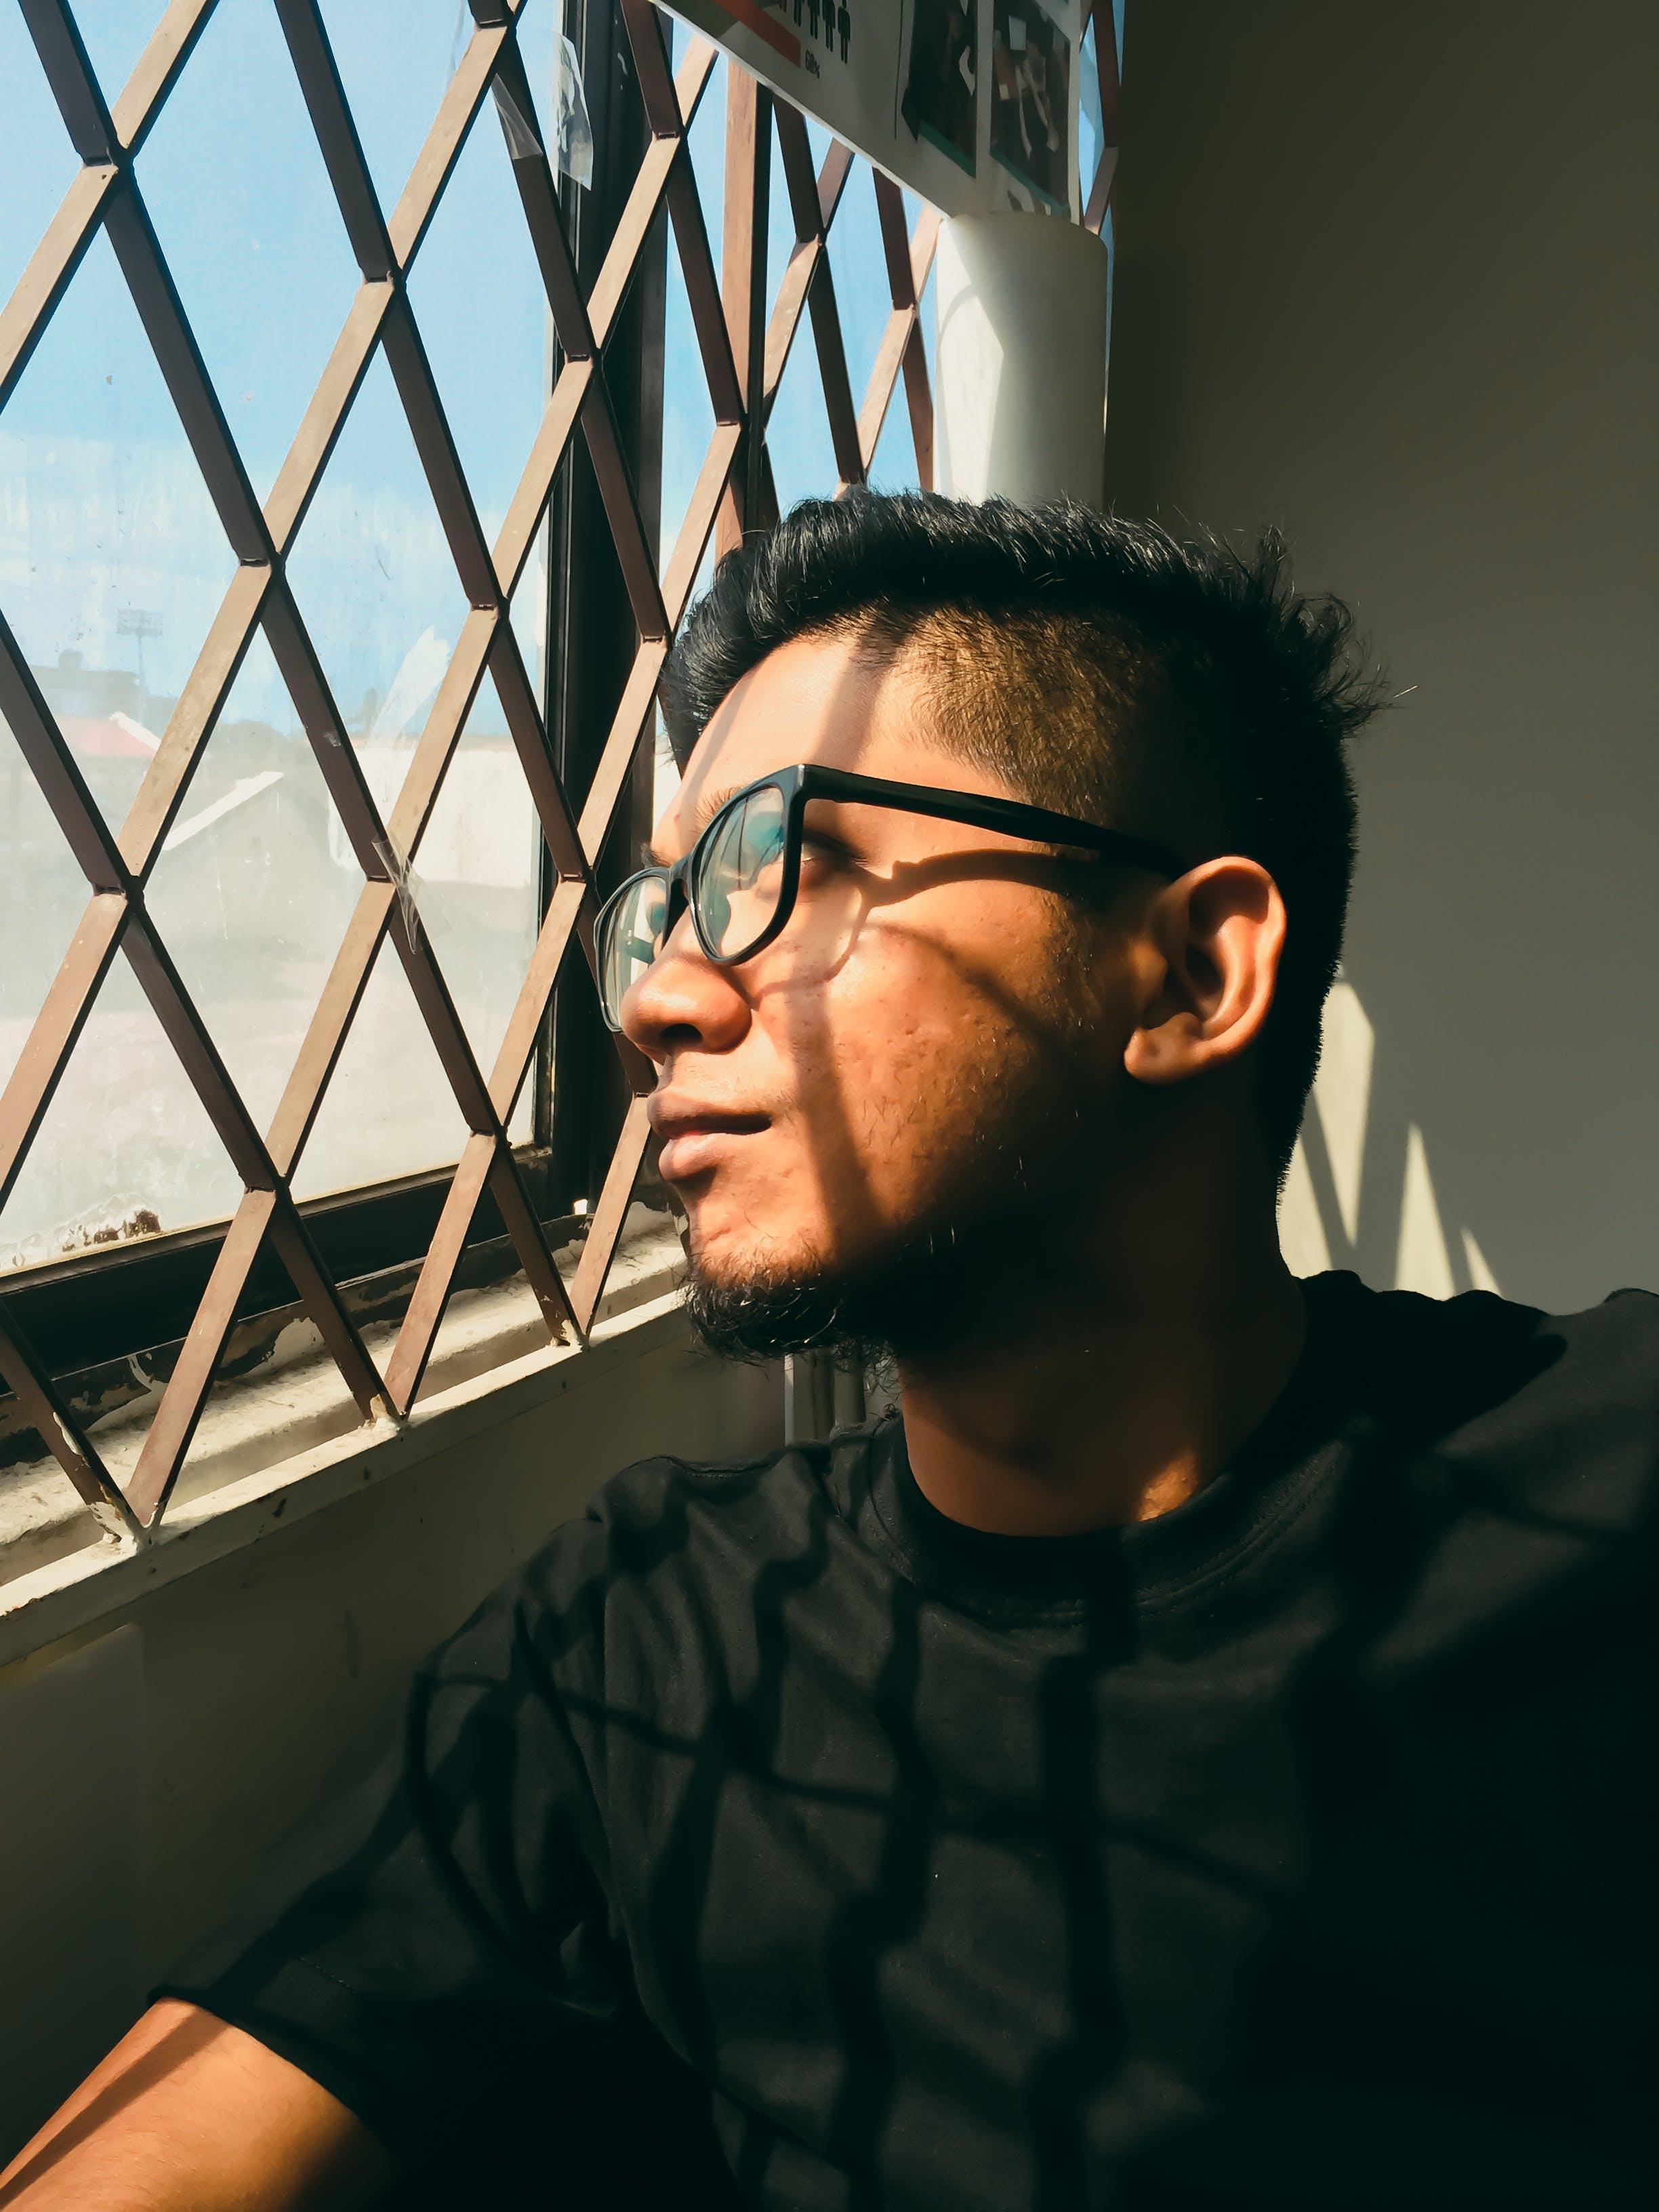 Δωρεάν στοκ φωτογραφιών με rawpixel, αυτοπροσωπογραφία, βλέπω, γυαλιά οράσεως